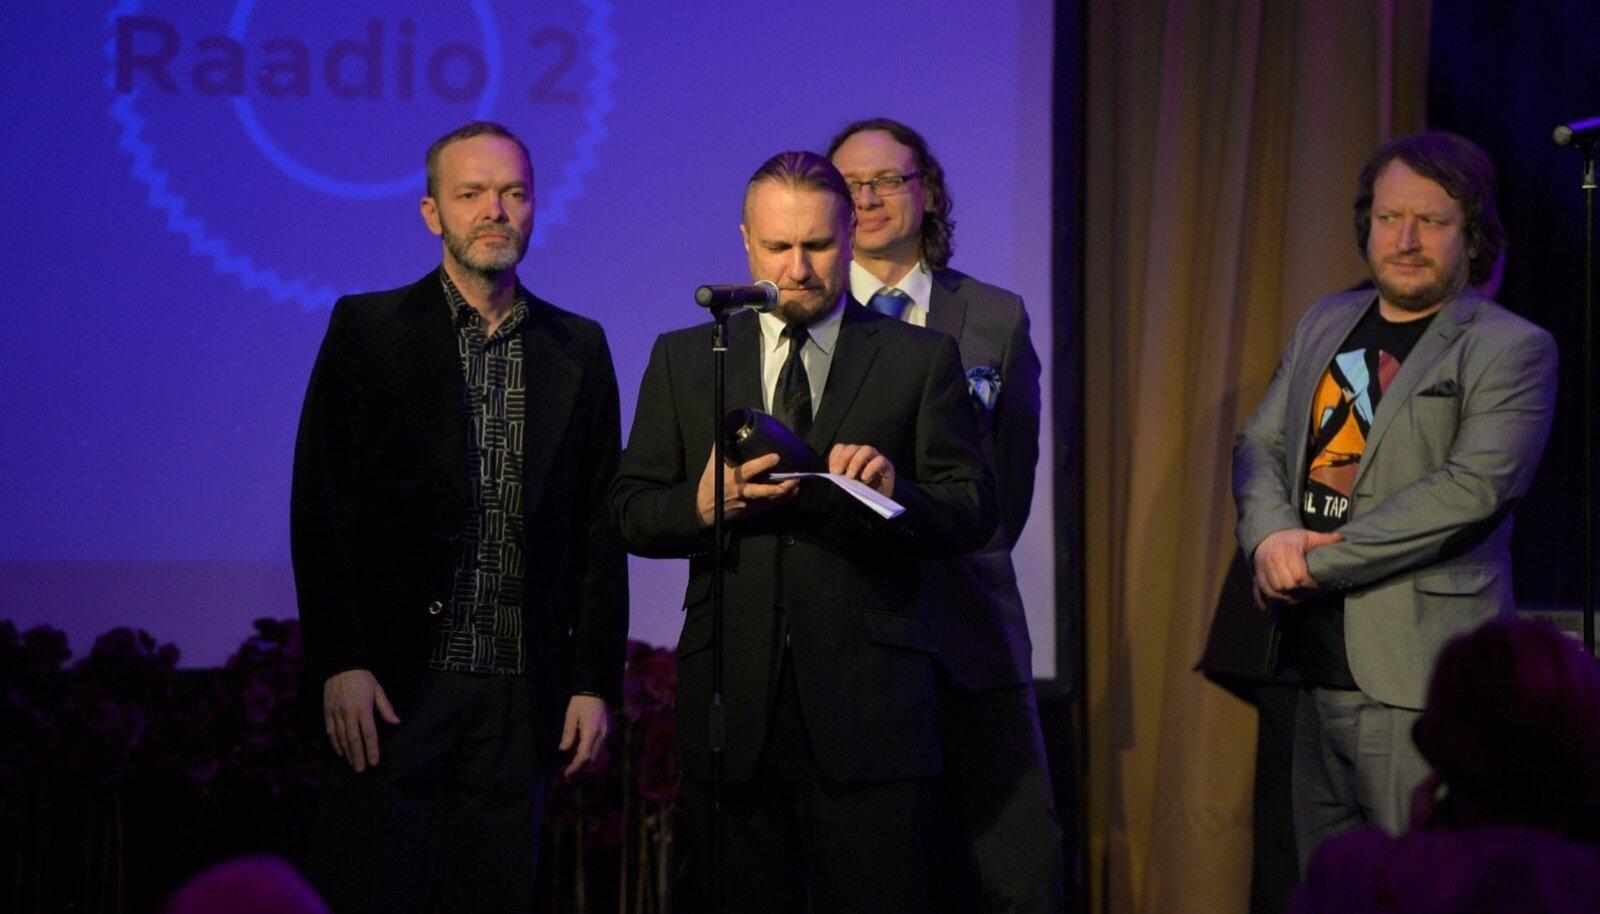 Eesti muusikaettevõtluse auhinnad 2015